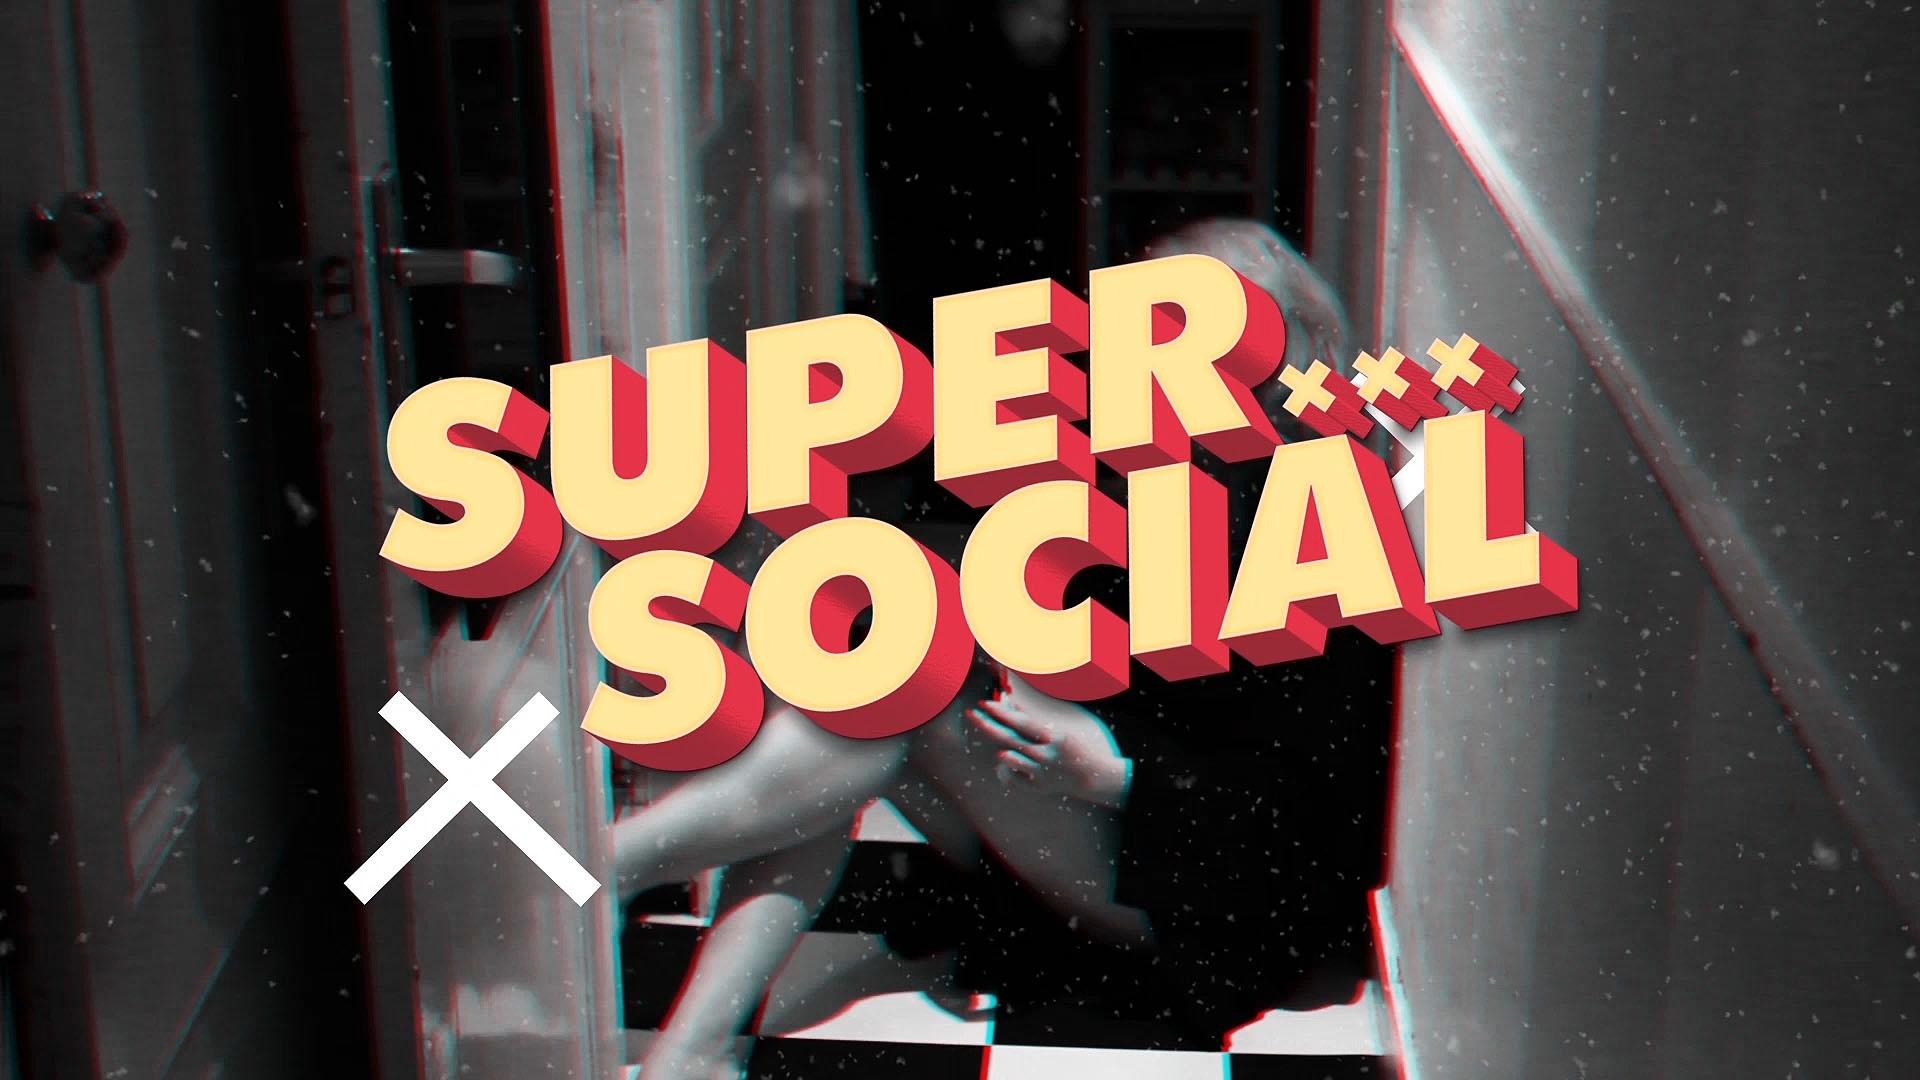 snorren SuperSocial 4